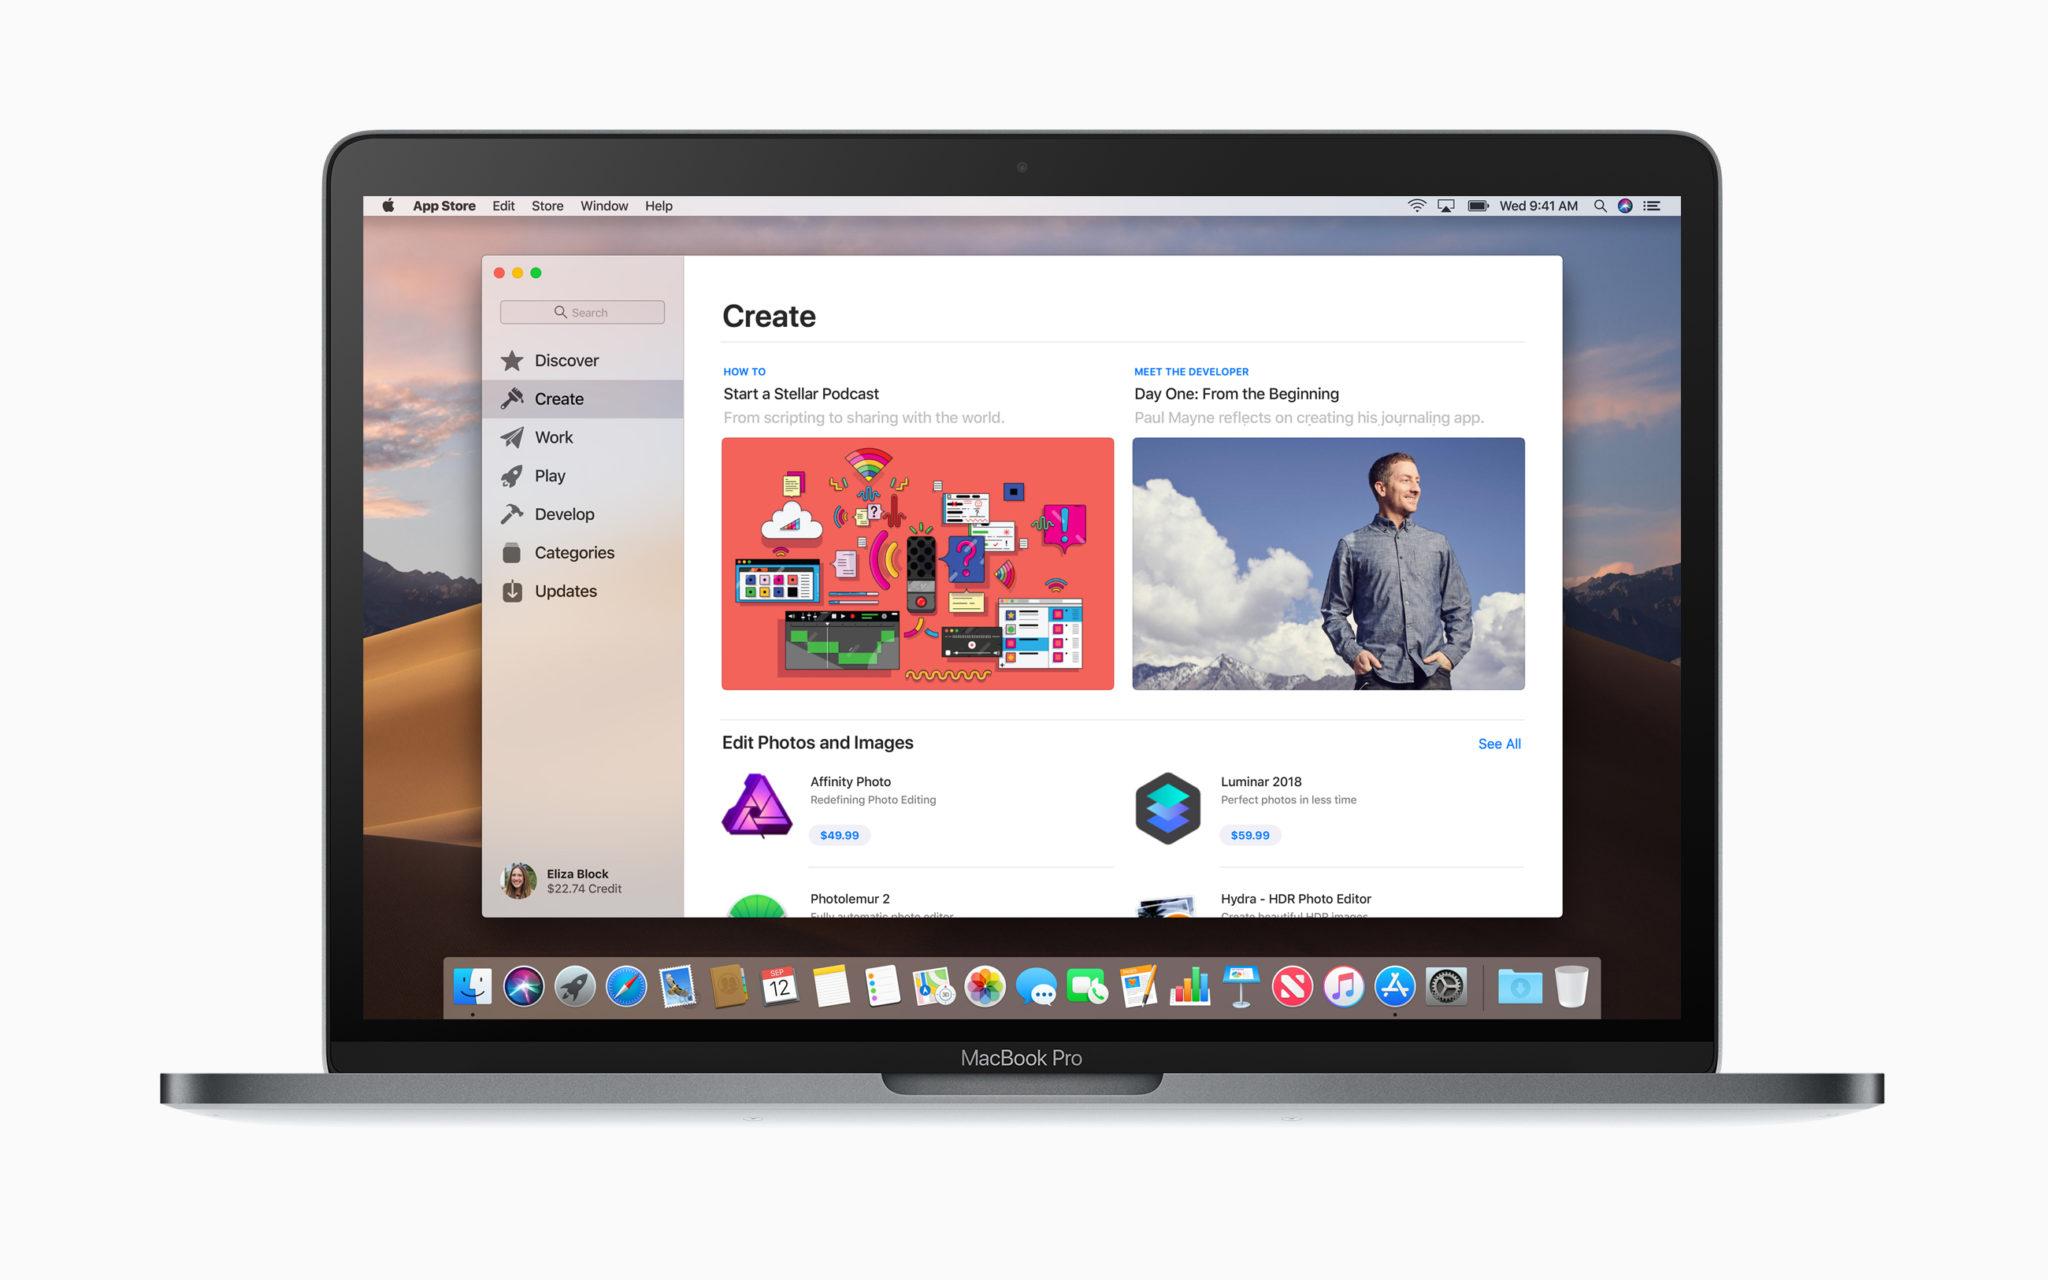 La WWDC 2017 est l'occasion pour Apple de mettre à jour ses MacBook Pro, MacBook et MacBook Air avec des nouveaux processeurs et des prix ajustés ; parfois à la hausse.